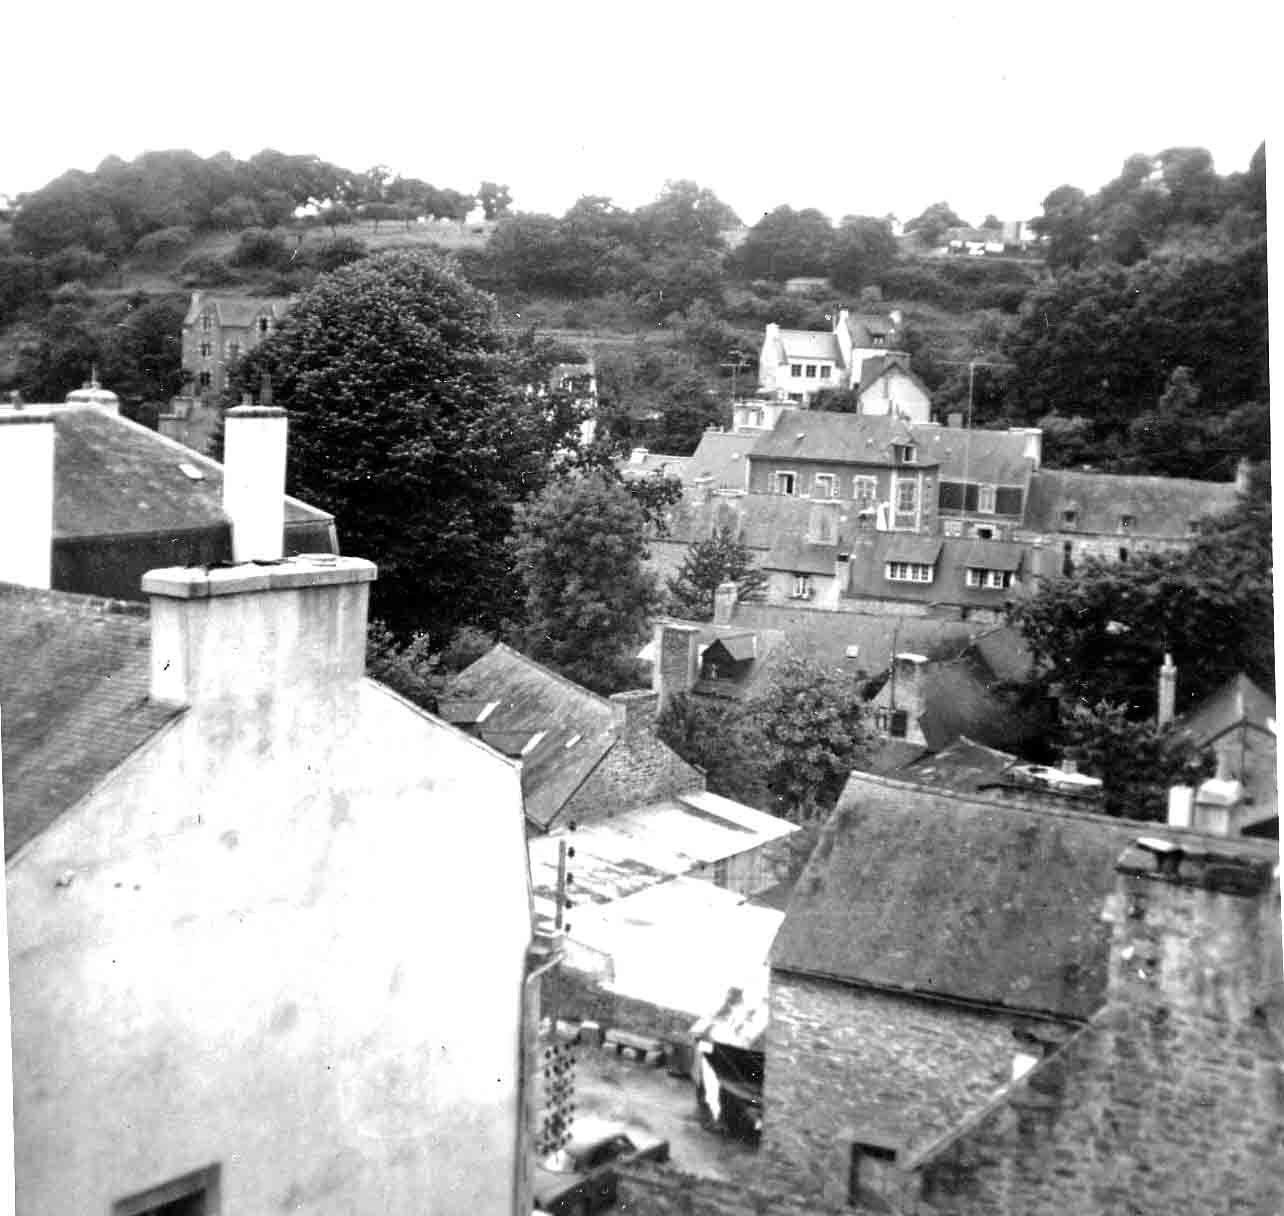 Des oiseaux de mauvaises augures planeraient-ils sur les toits de l'ancienne ville ?